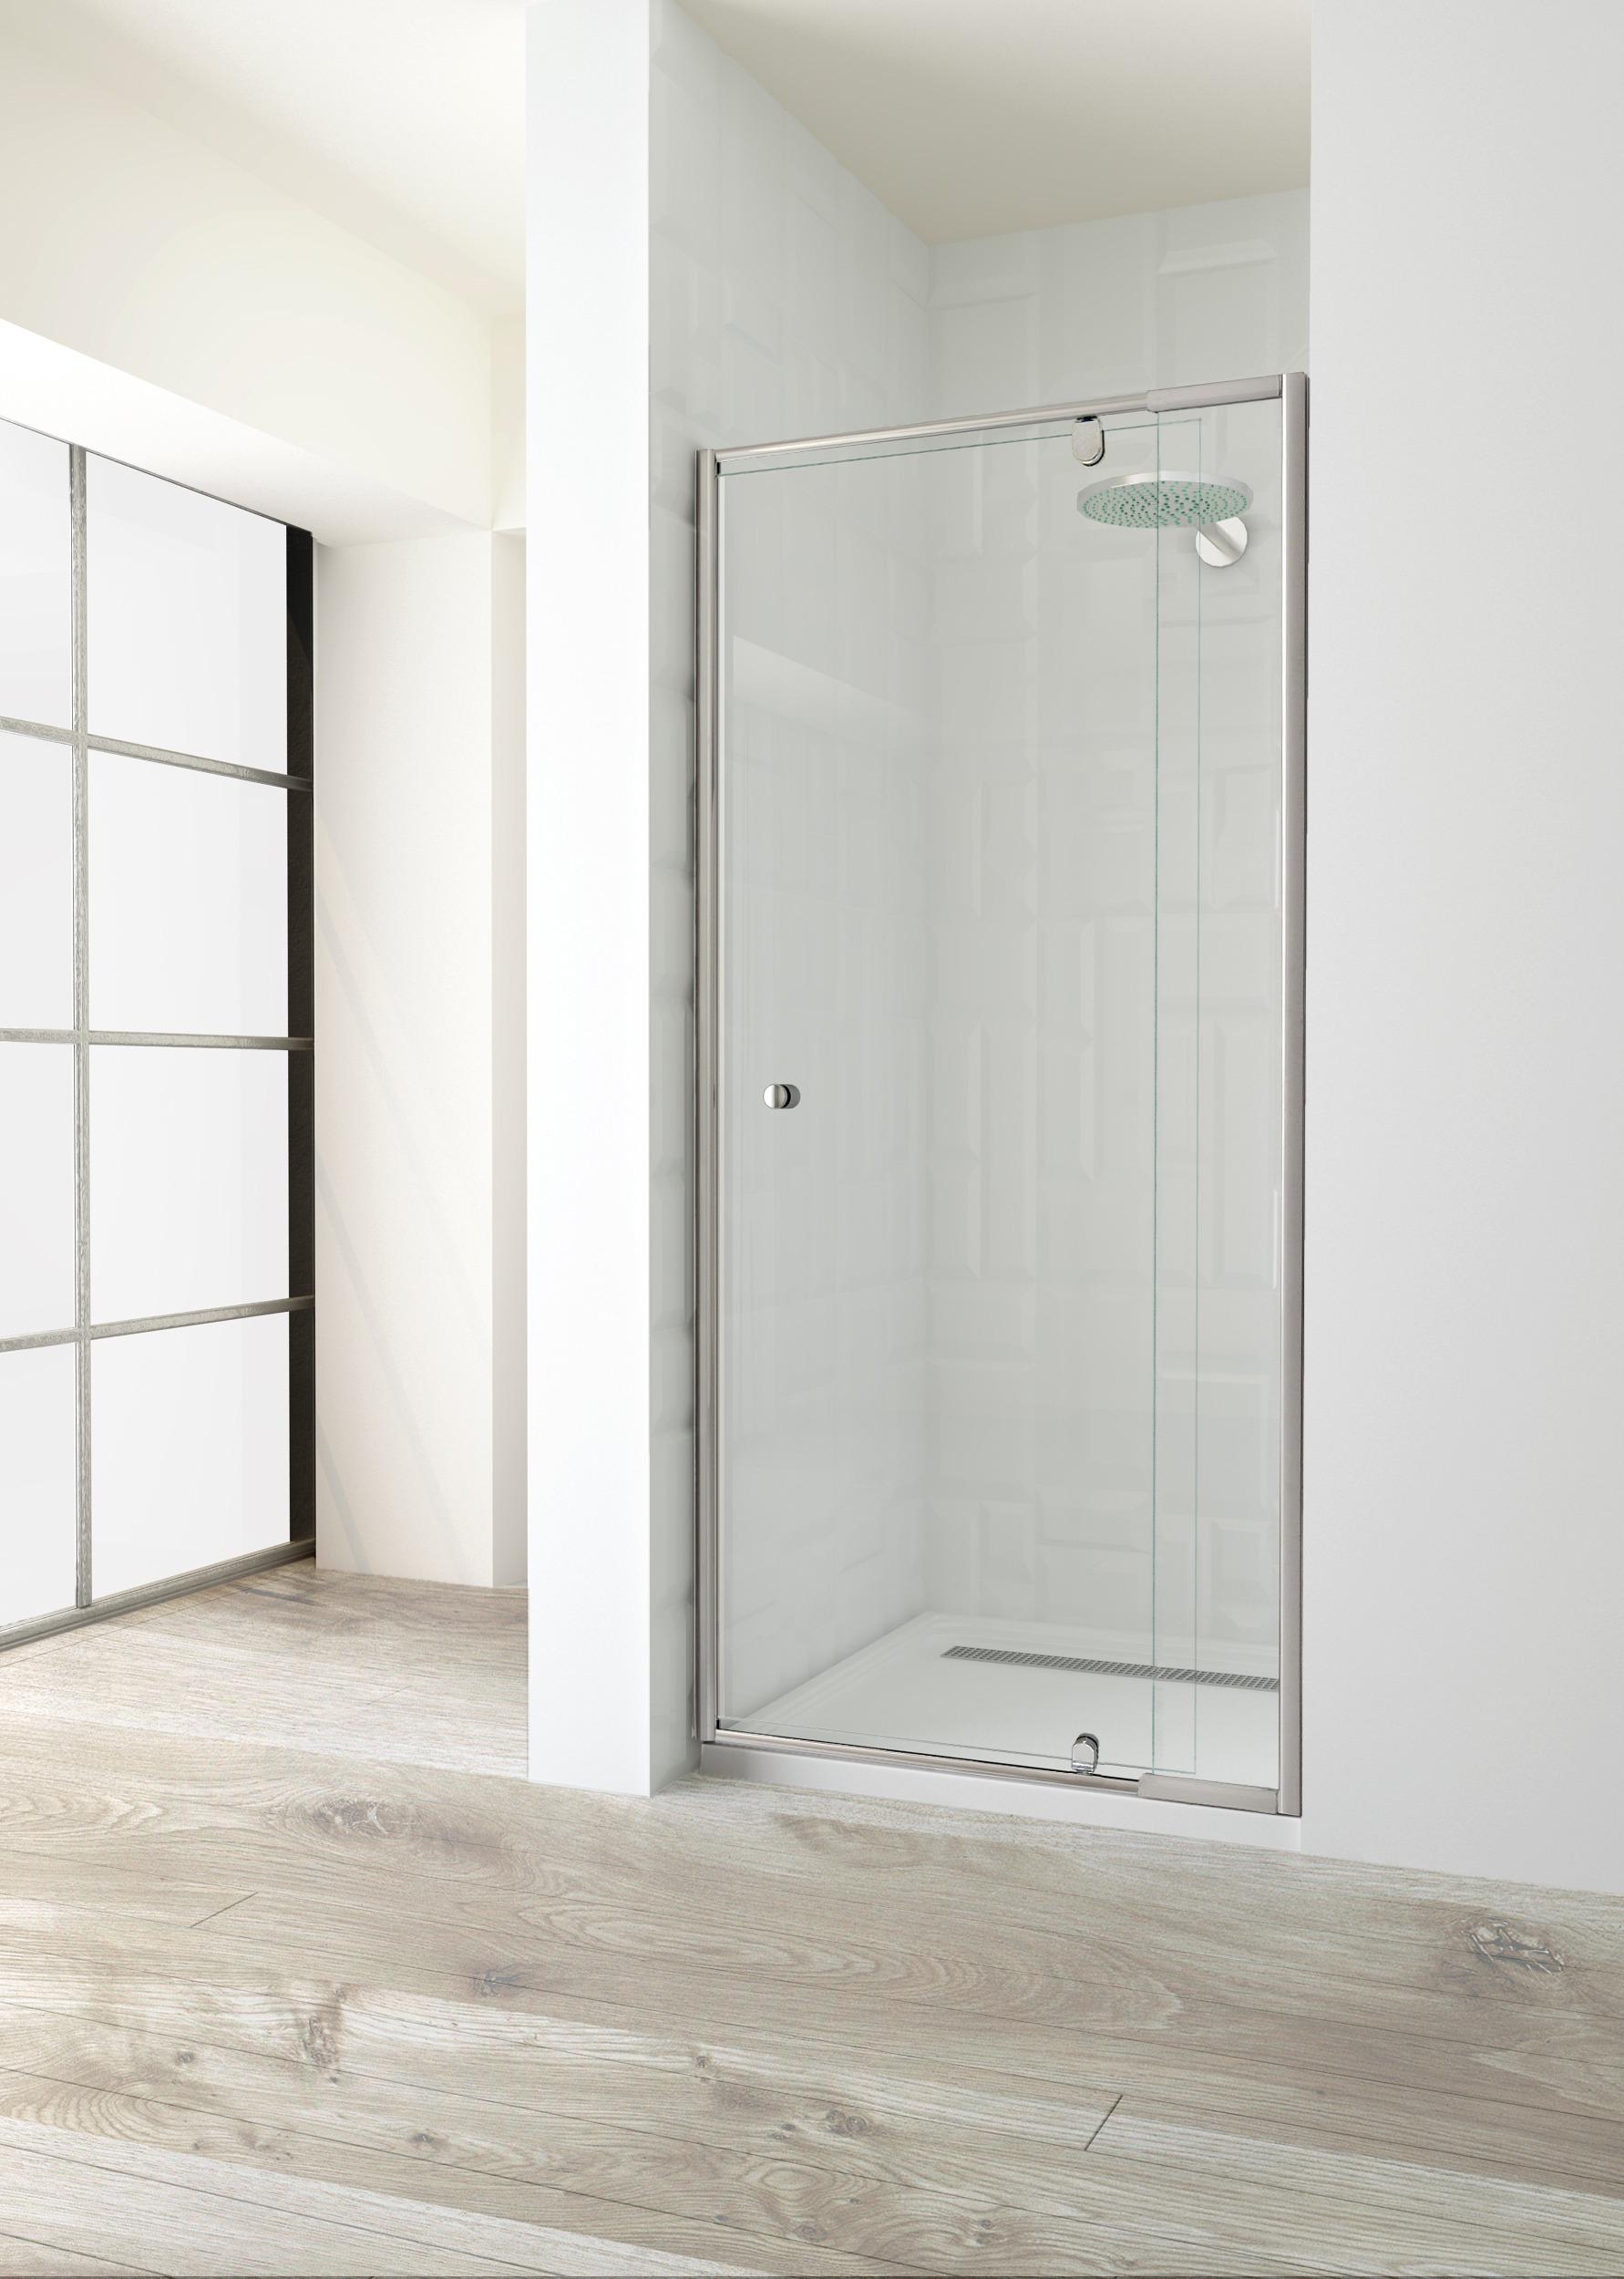 Elfreda suite shower screen